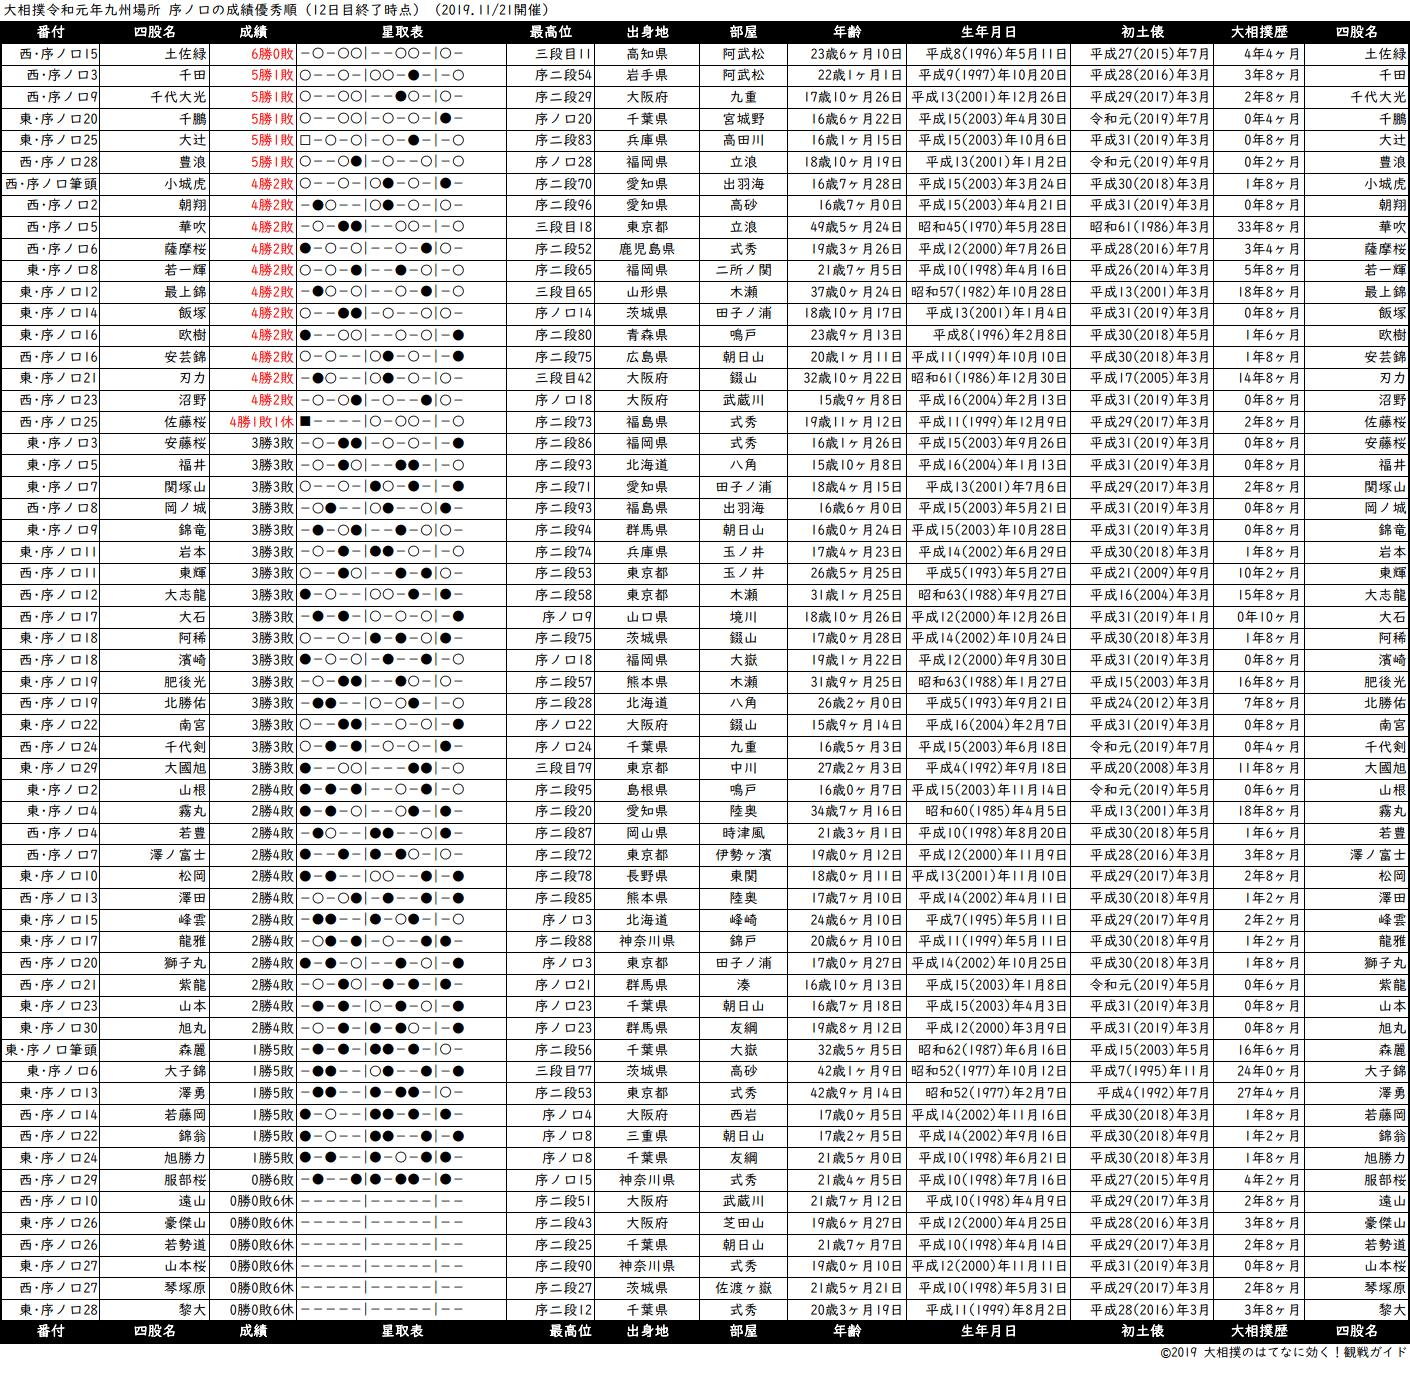 序ノ口成績順一覧表・2019年11月場所12日目